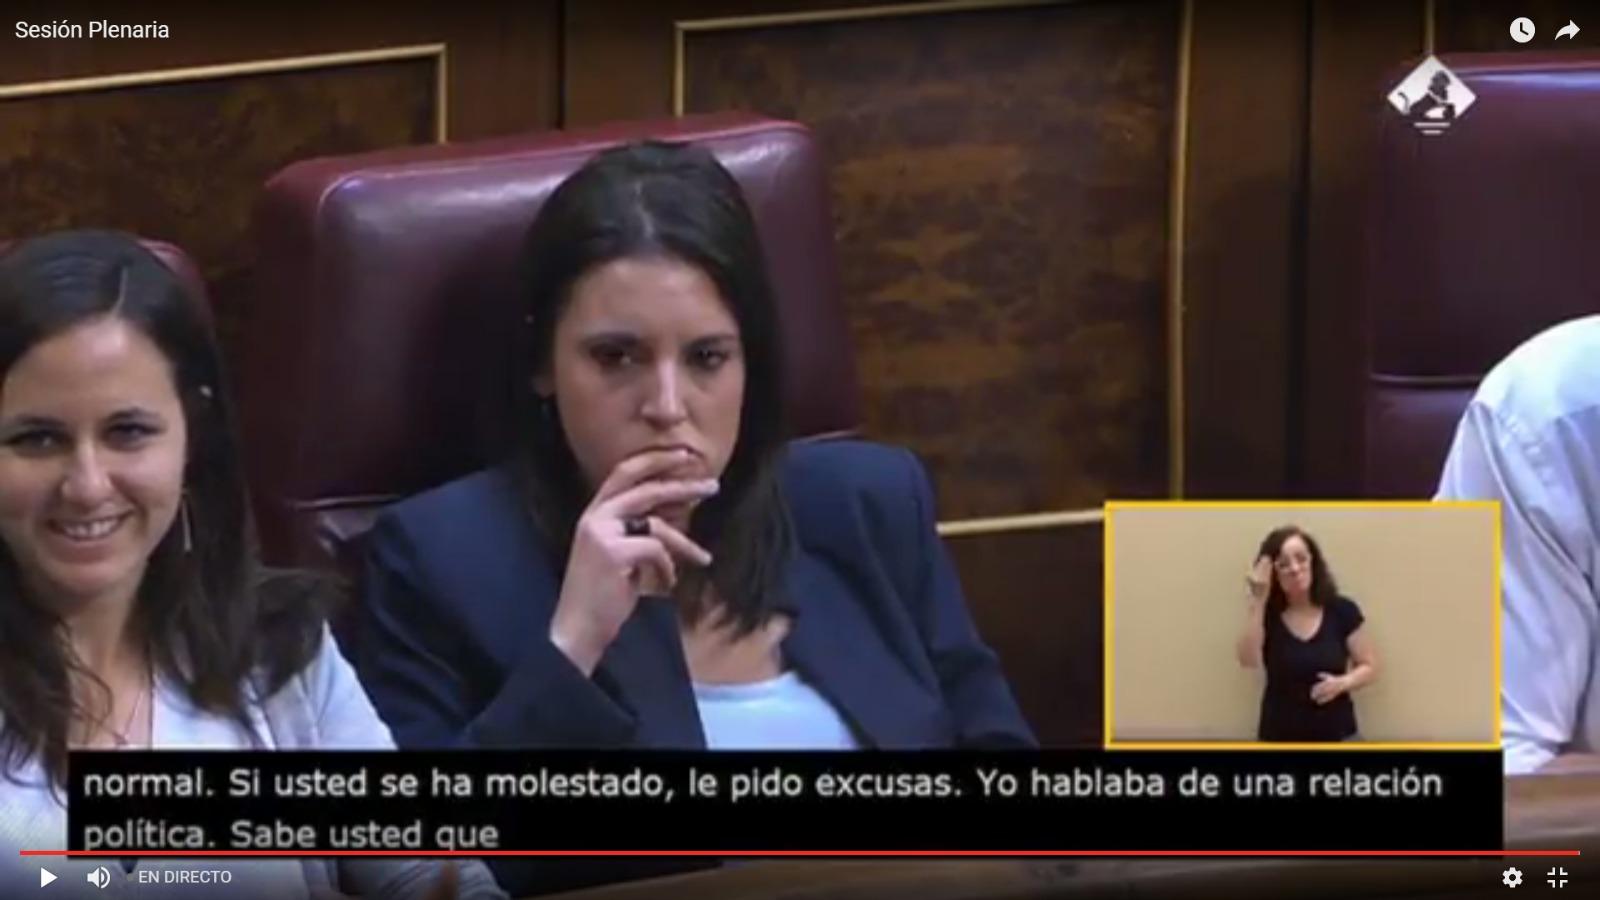 Los Insultos Machistas De Hernando Provocan Las Lágrimas De